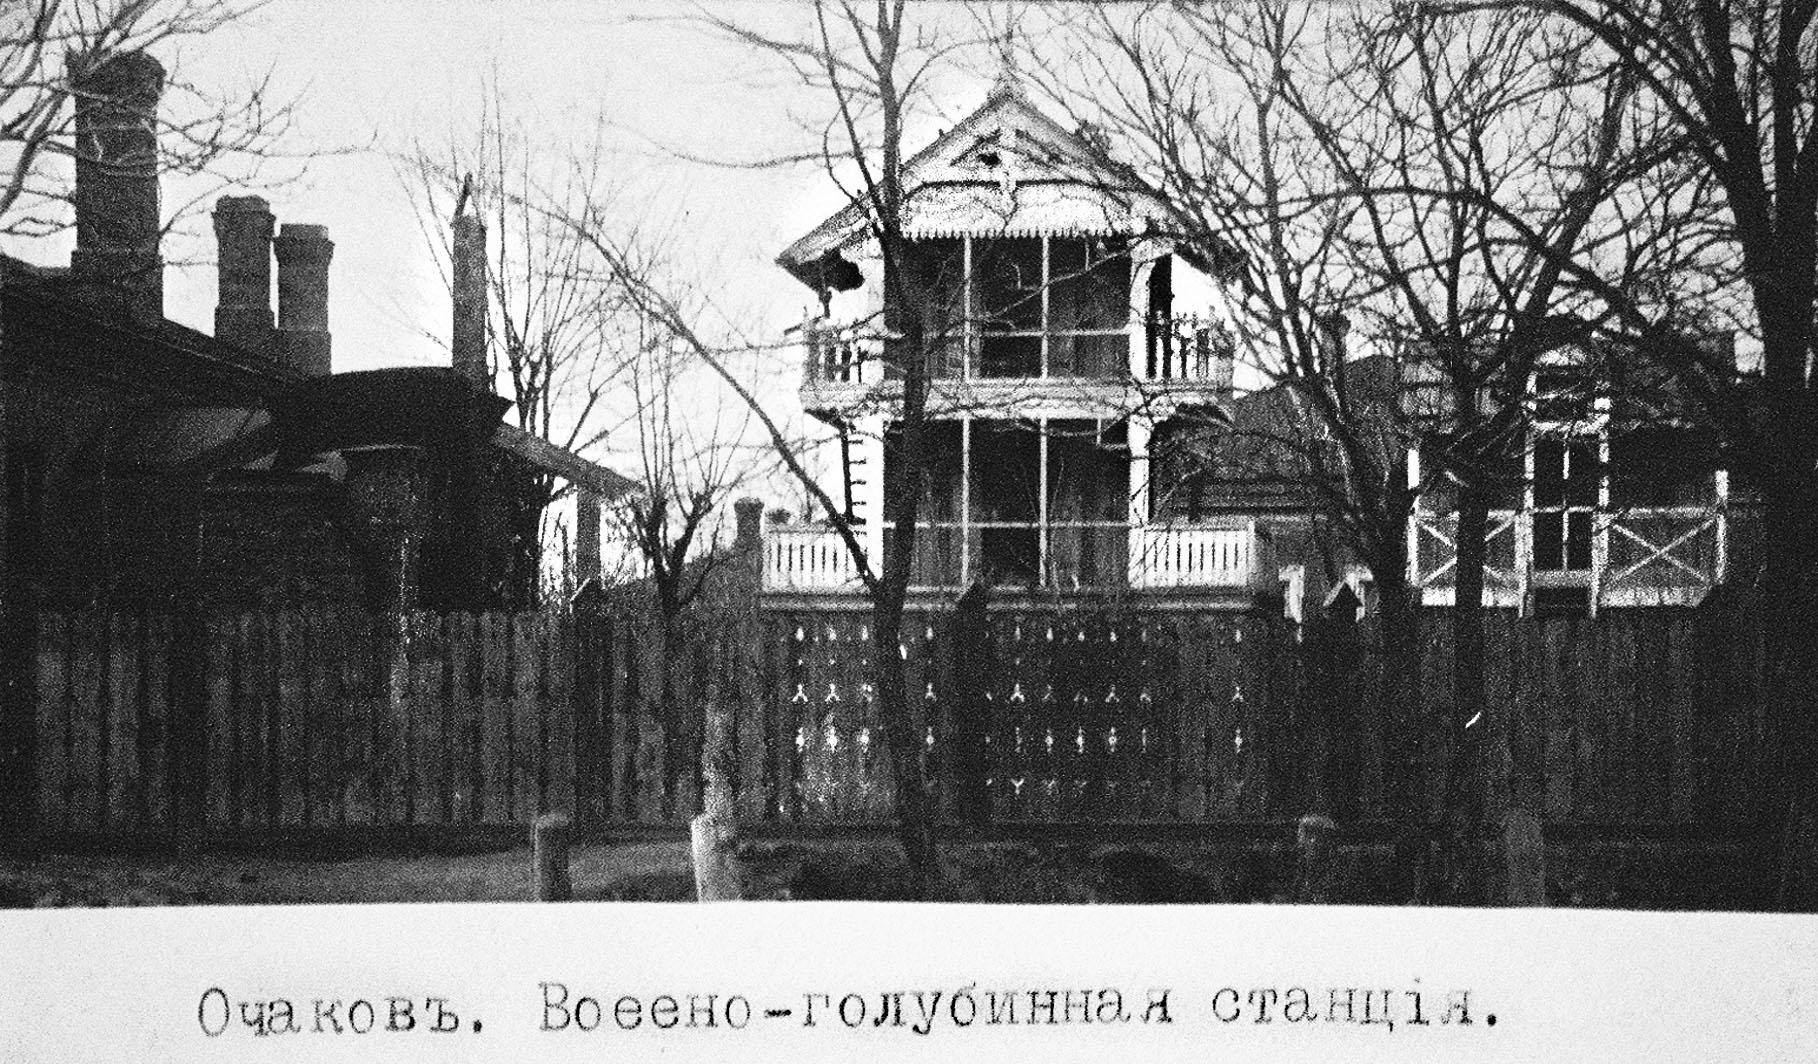 Очаков. Военно-голубиная станция